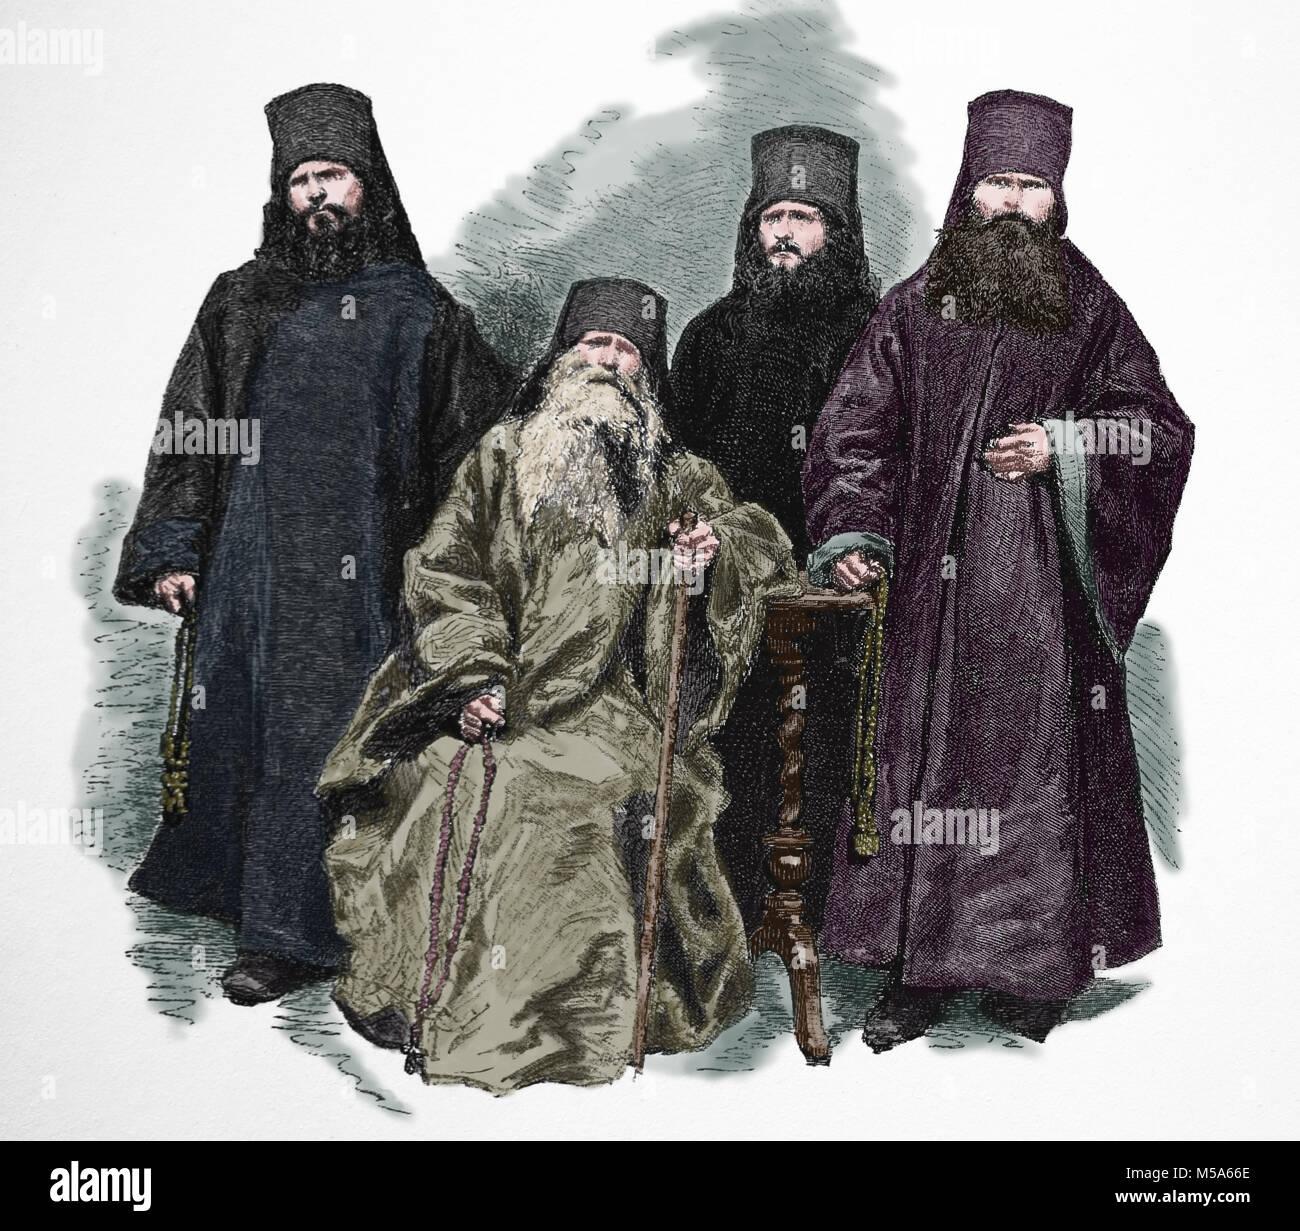 Chiesa ortodossa orientale. Chiesa russo-ortodossa chierici e monaci. 1870. Incisione. Immagini Stock